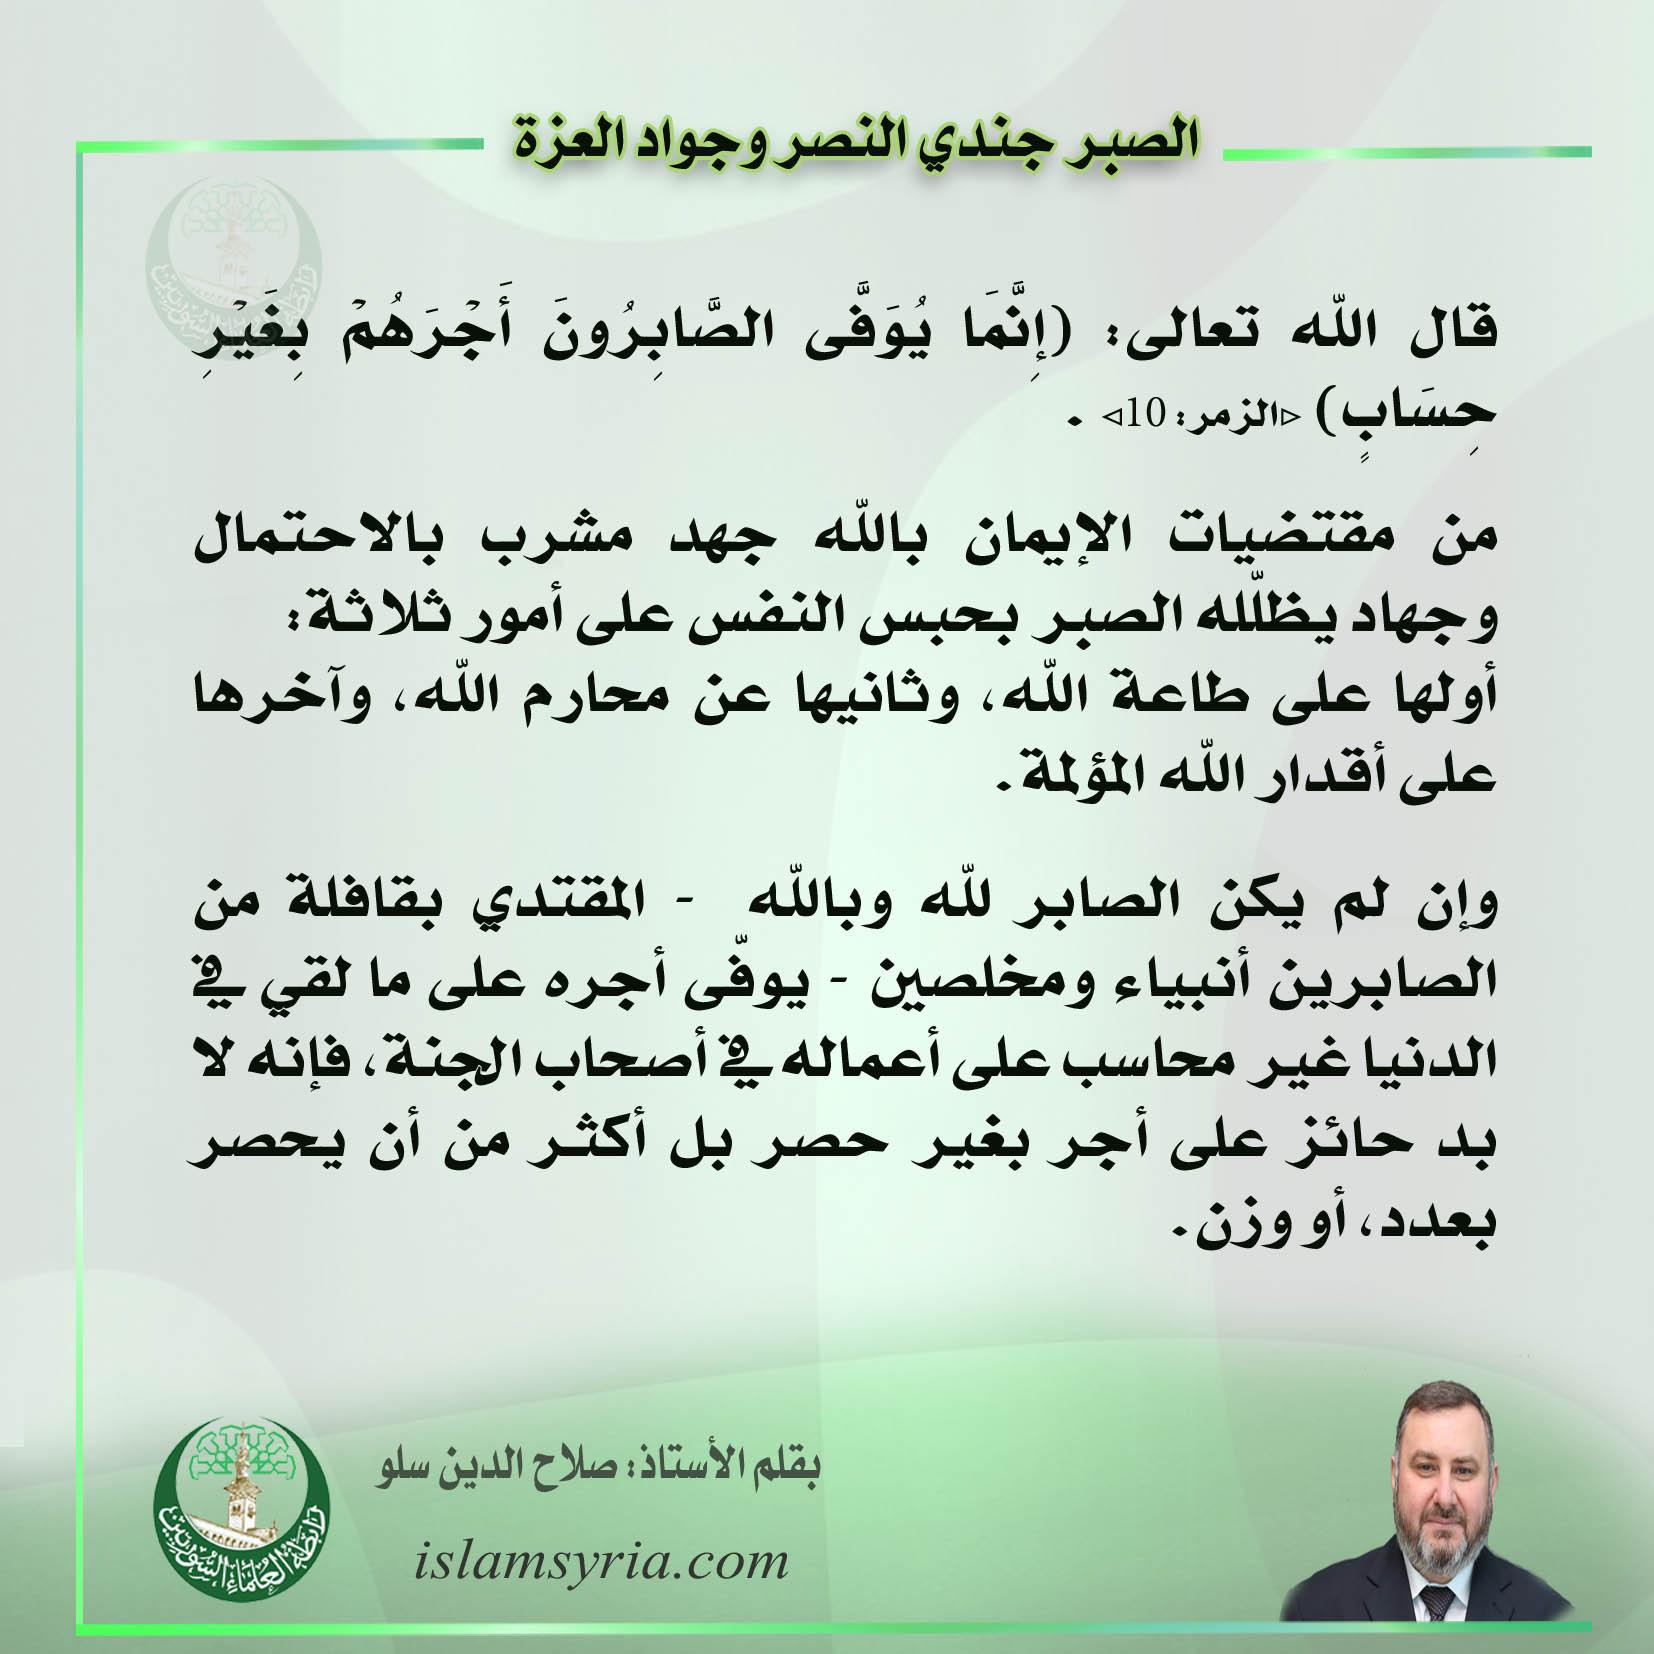 الصبر جندي النصر وجواد العزة||الأستاذ صلاح الدين سلو